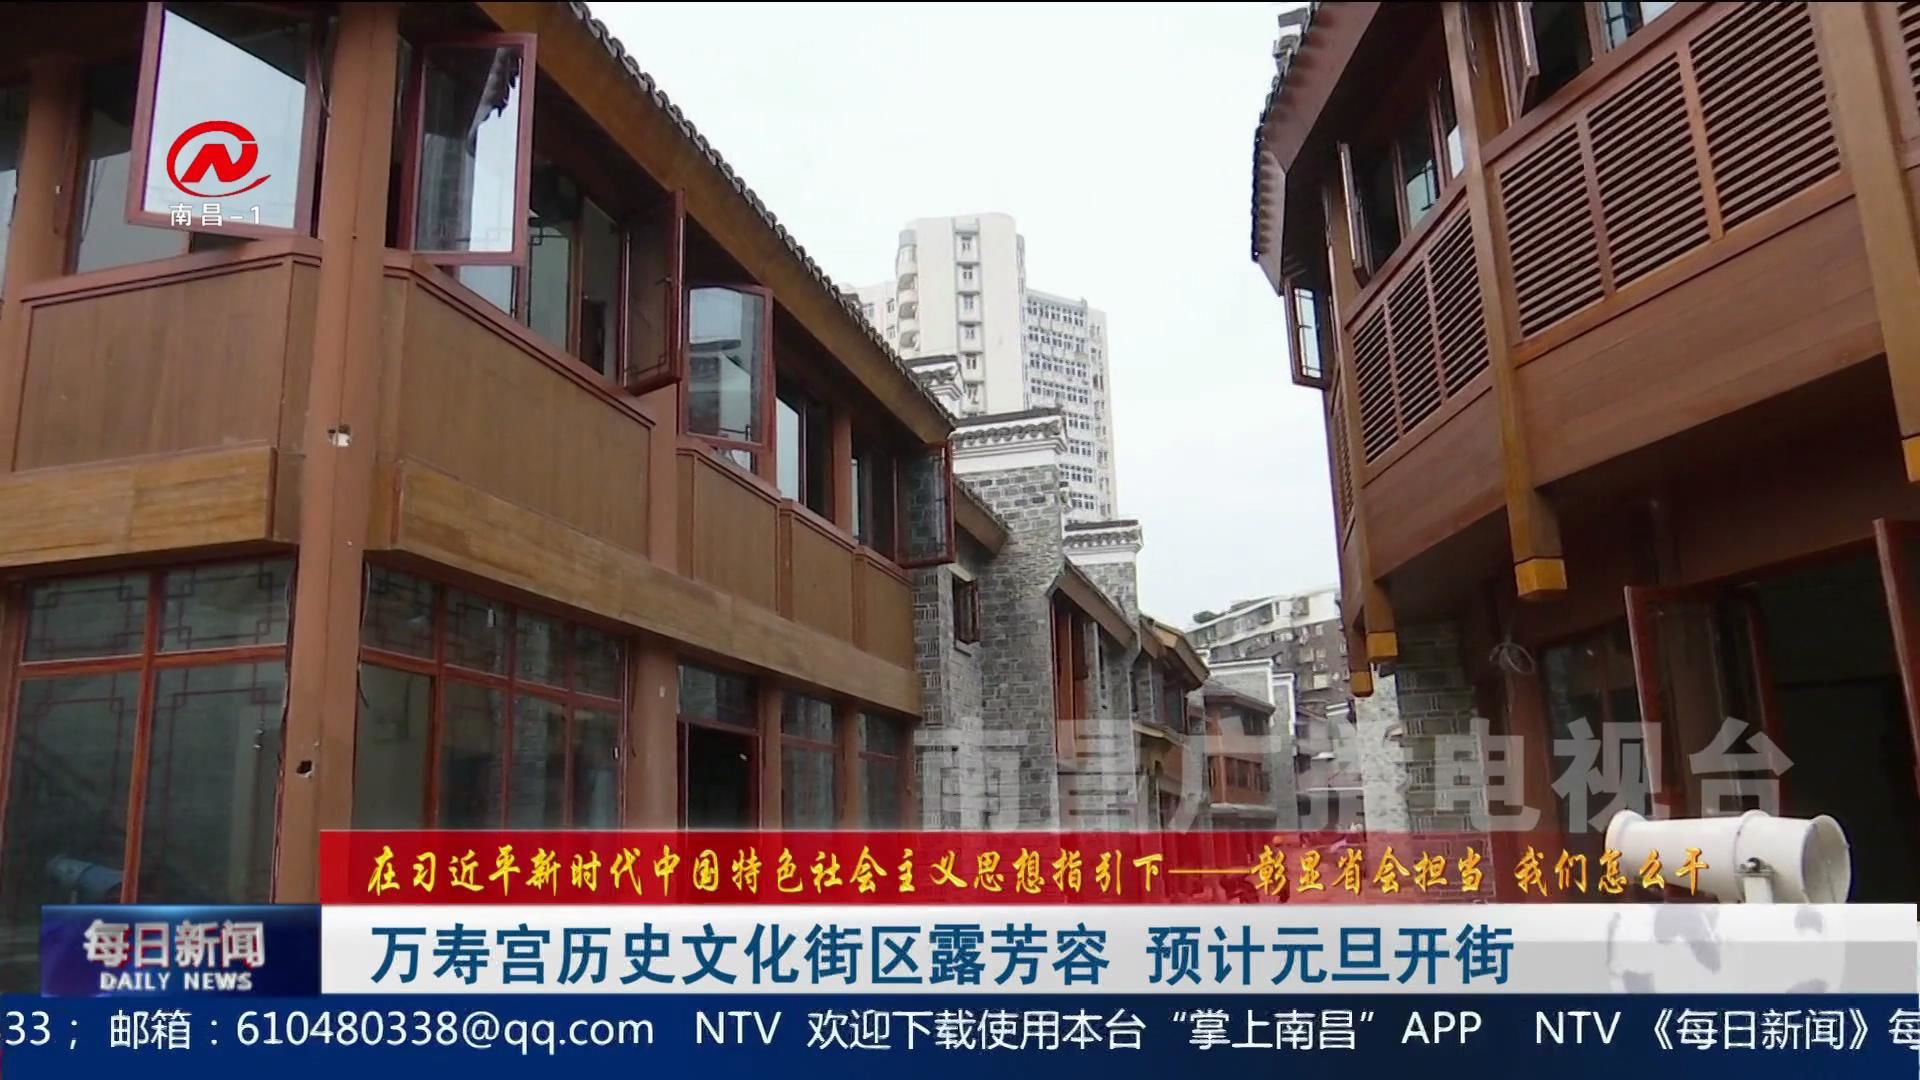 萬壽宮歷史文化街區露芳容 預計元旦開街